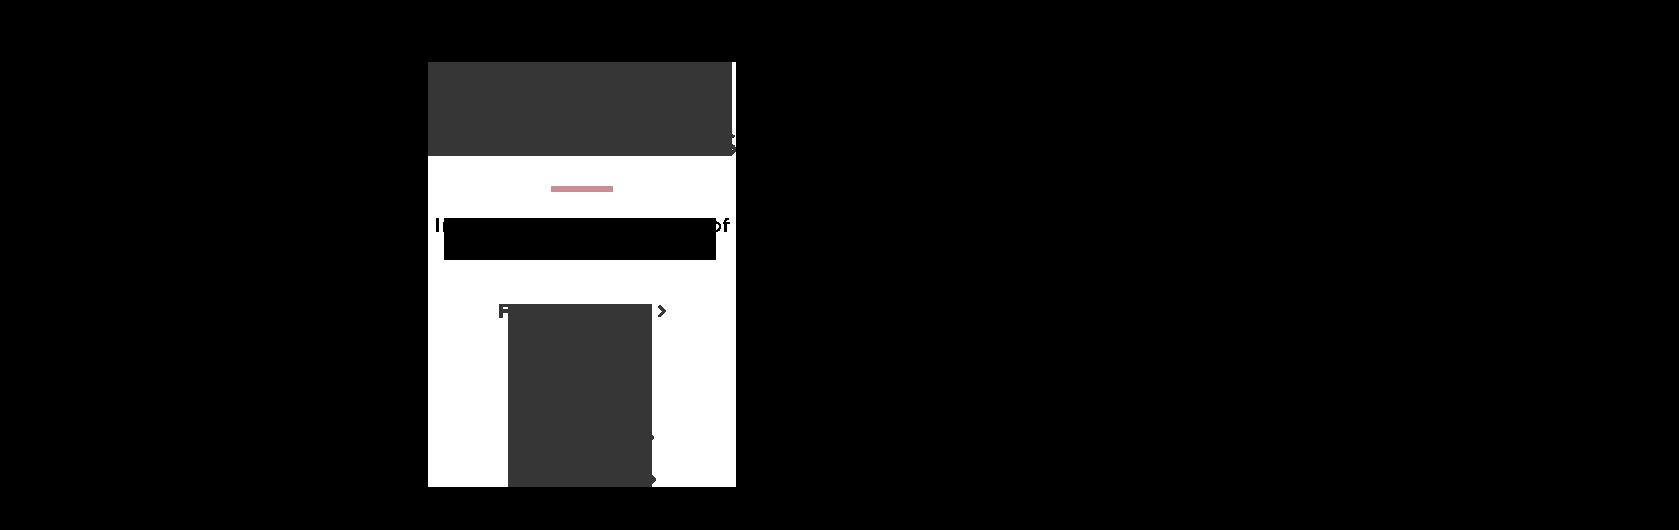 1000+ New Arrivals